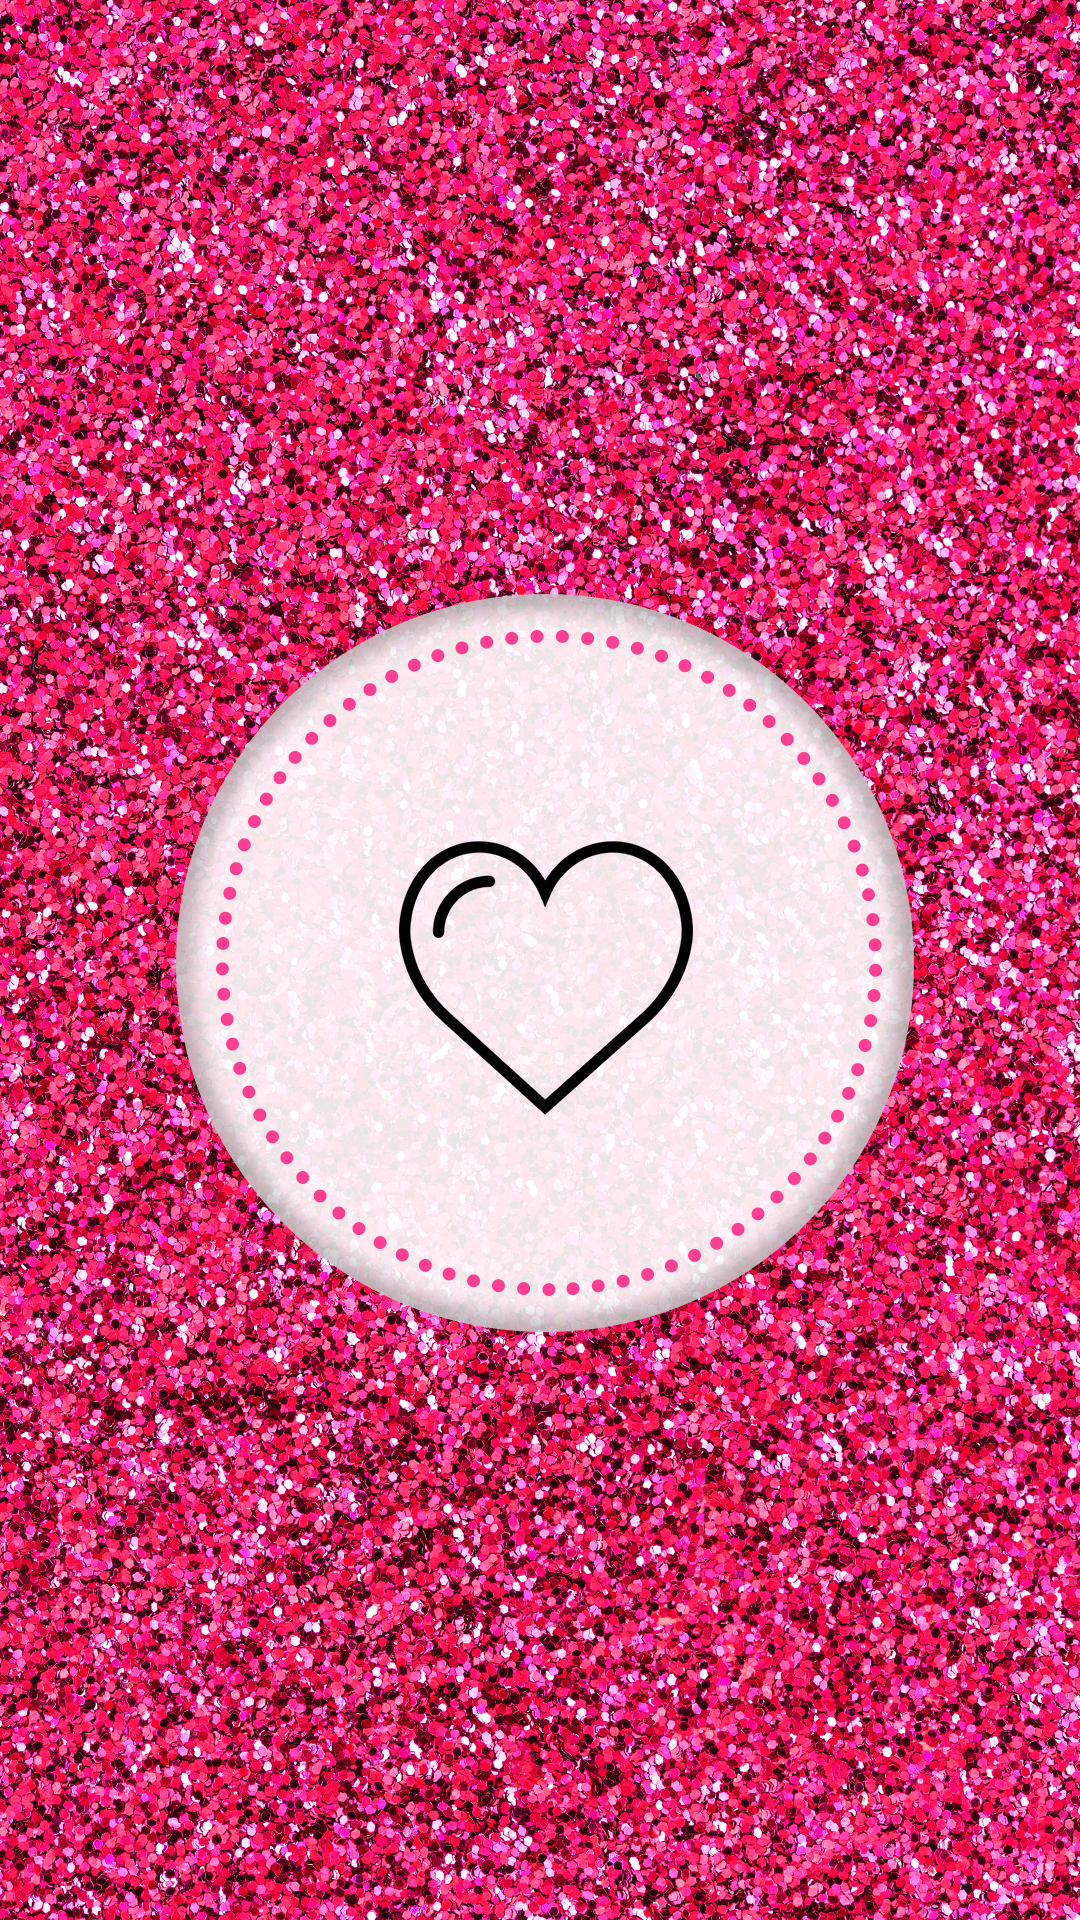 Instagram Highlight Cover Pink Glitter Heart Pink Instagram Instagram Logo Instagram Icons